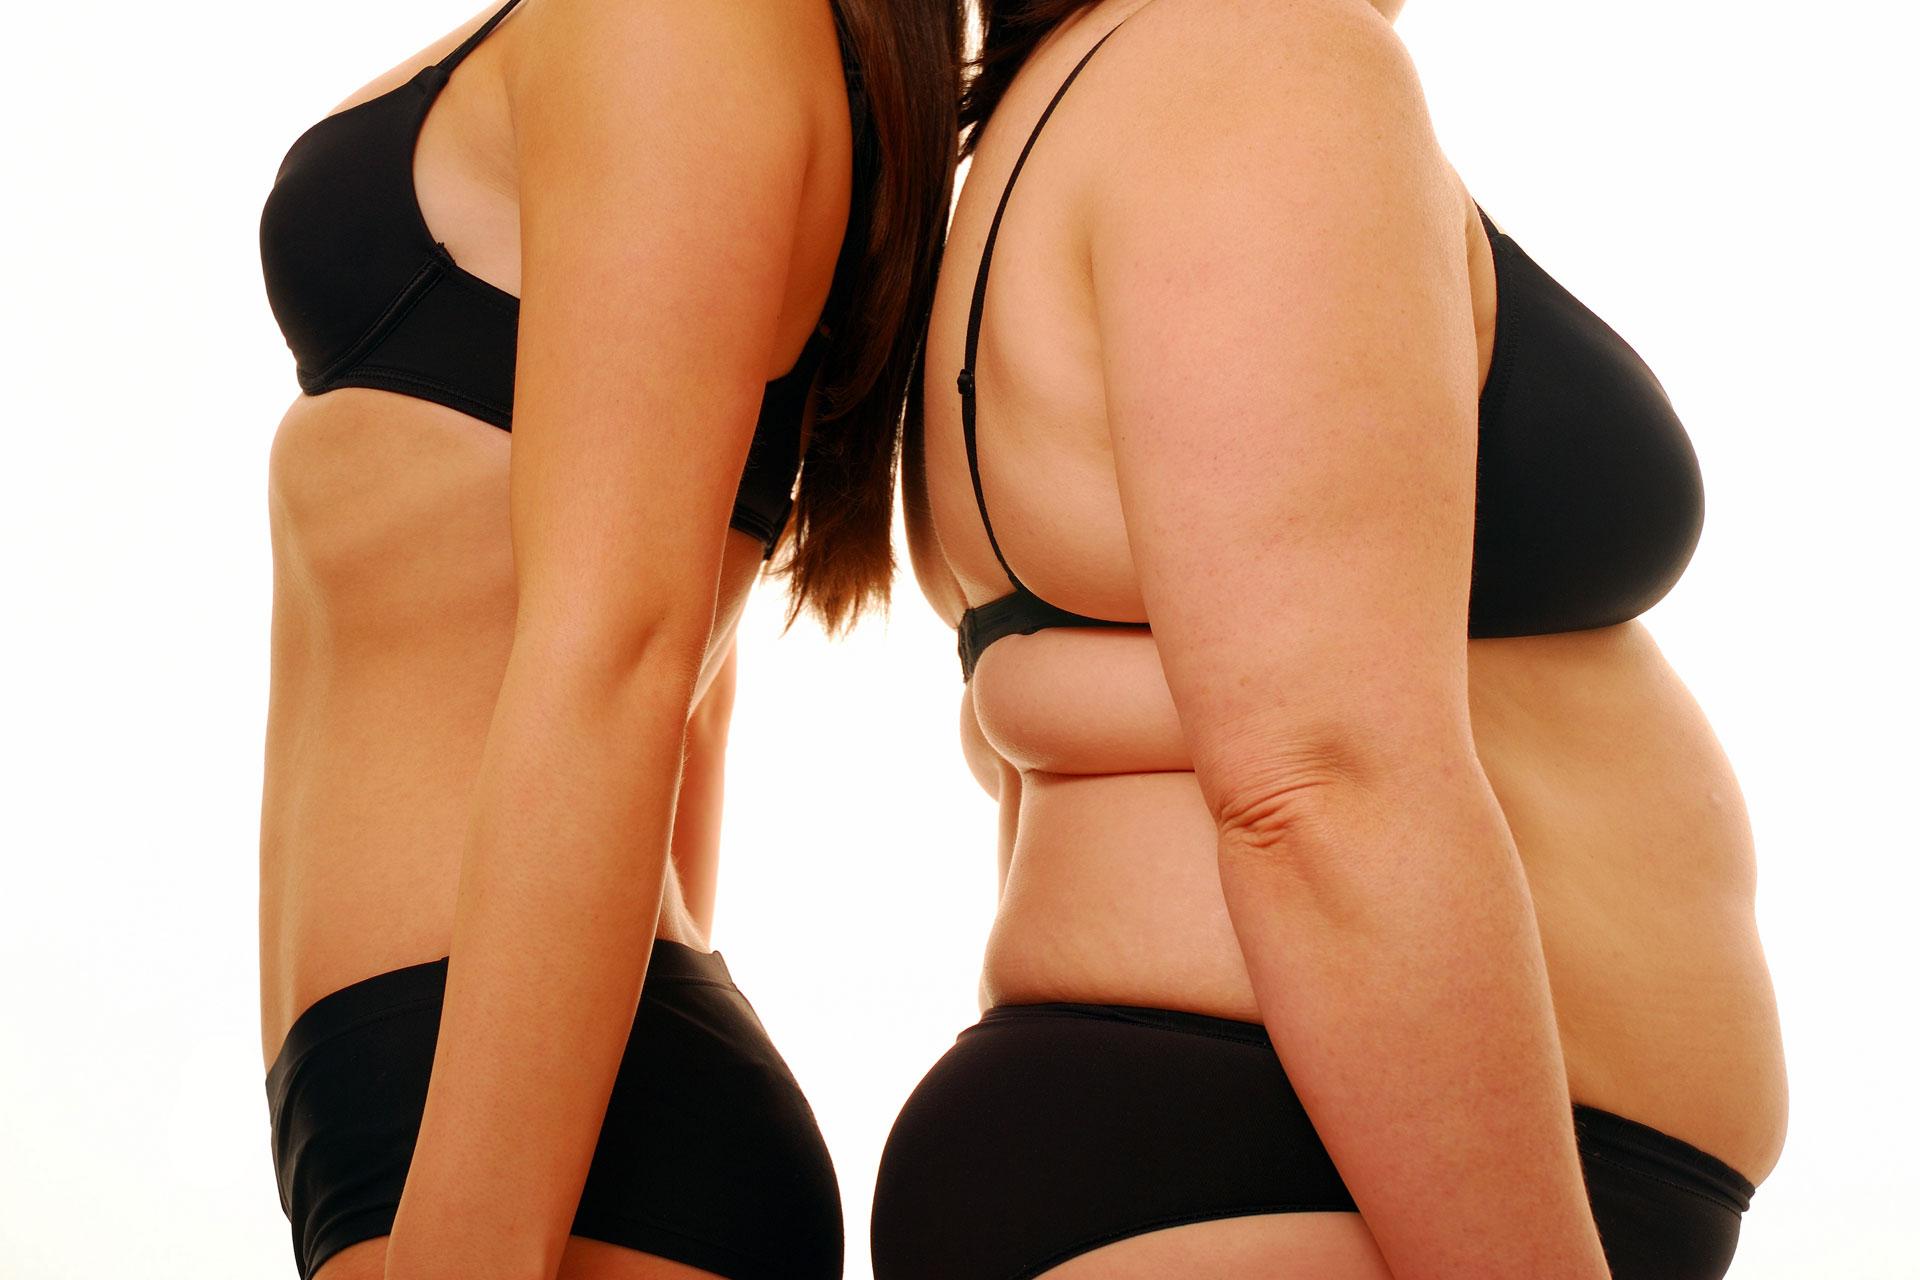 Фото - В чем вред похудения?